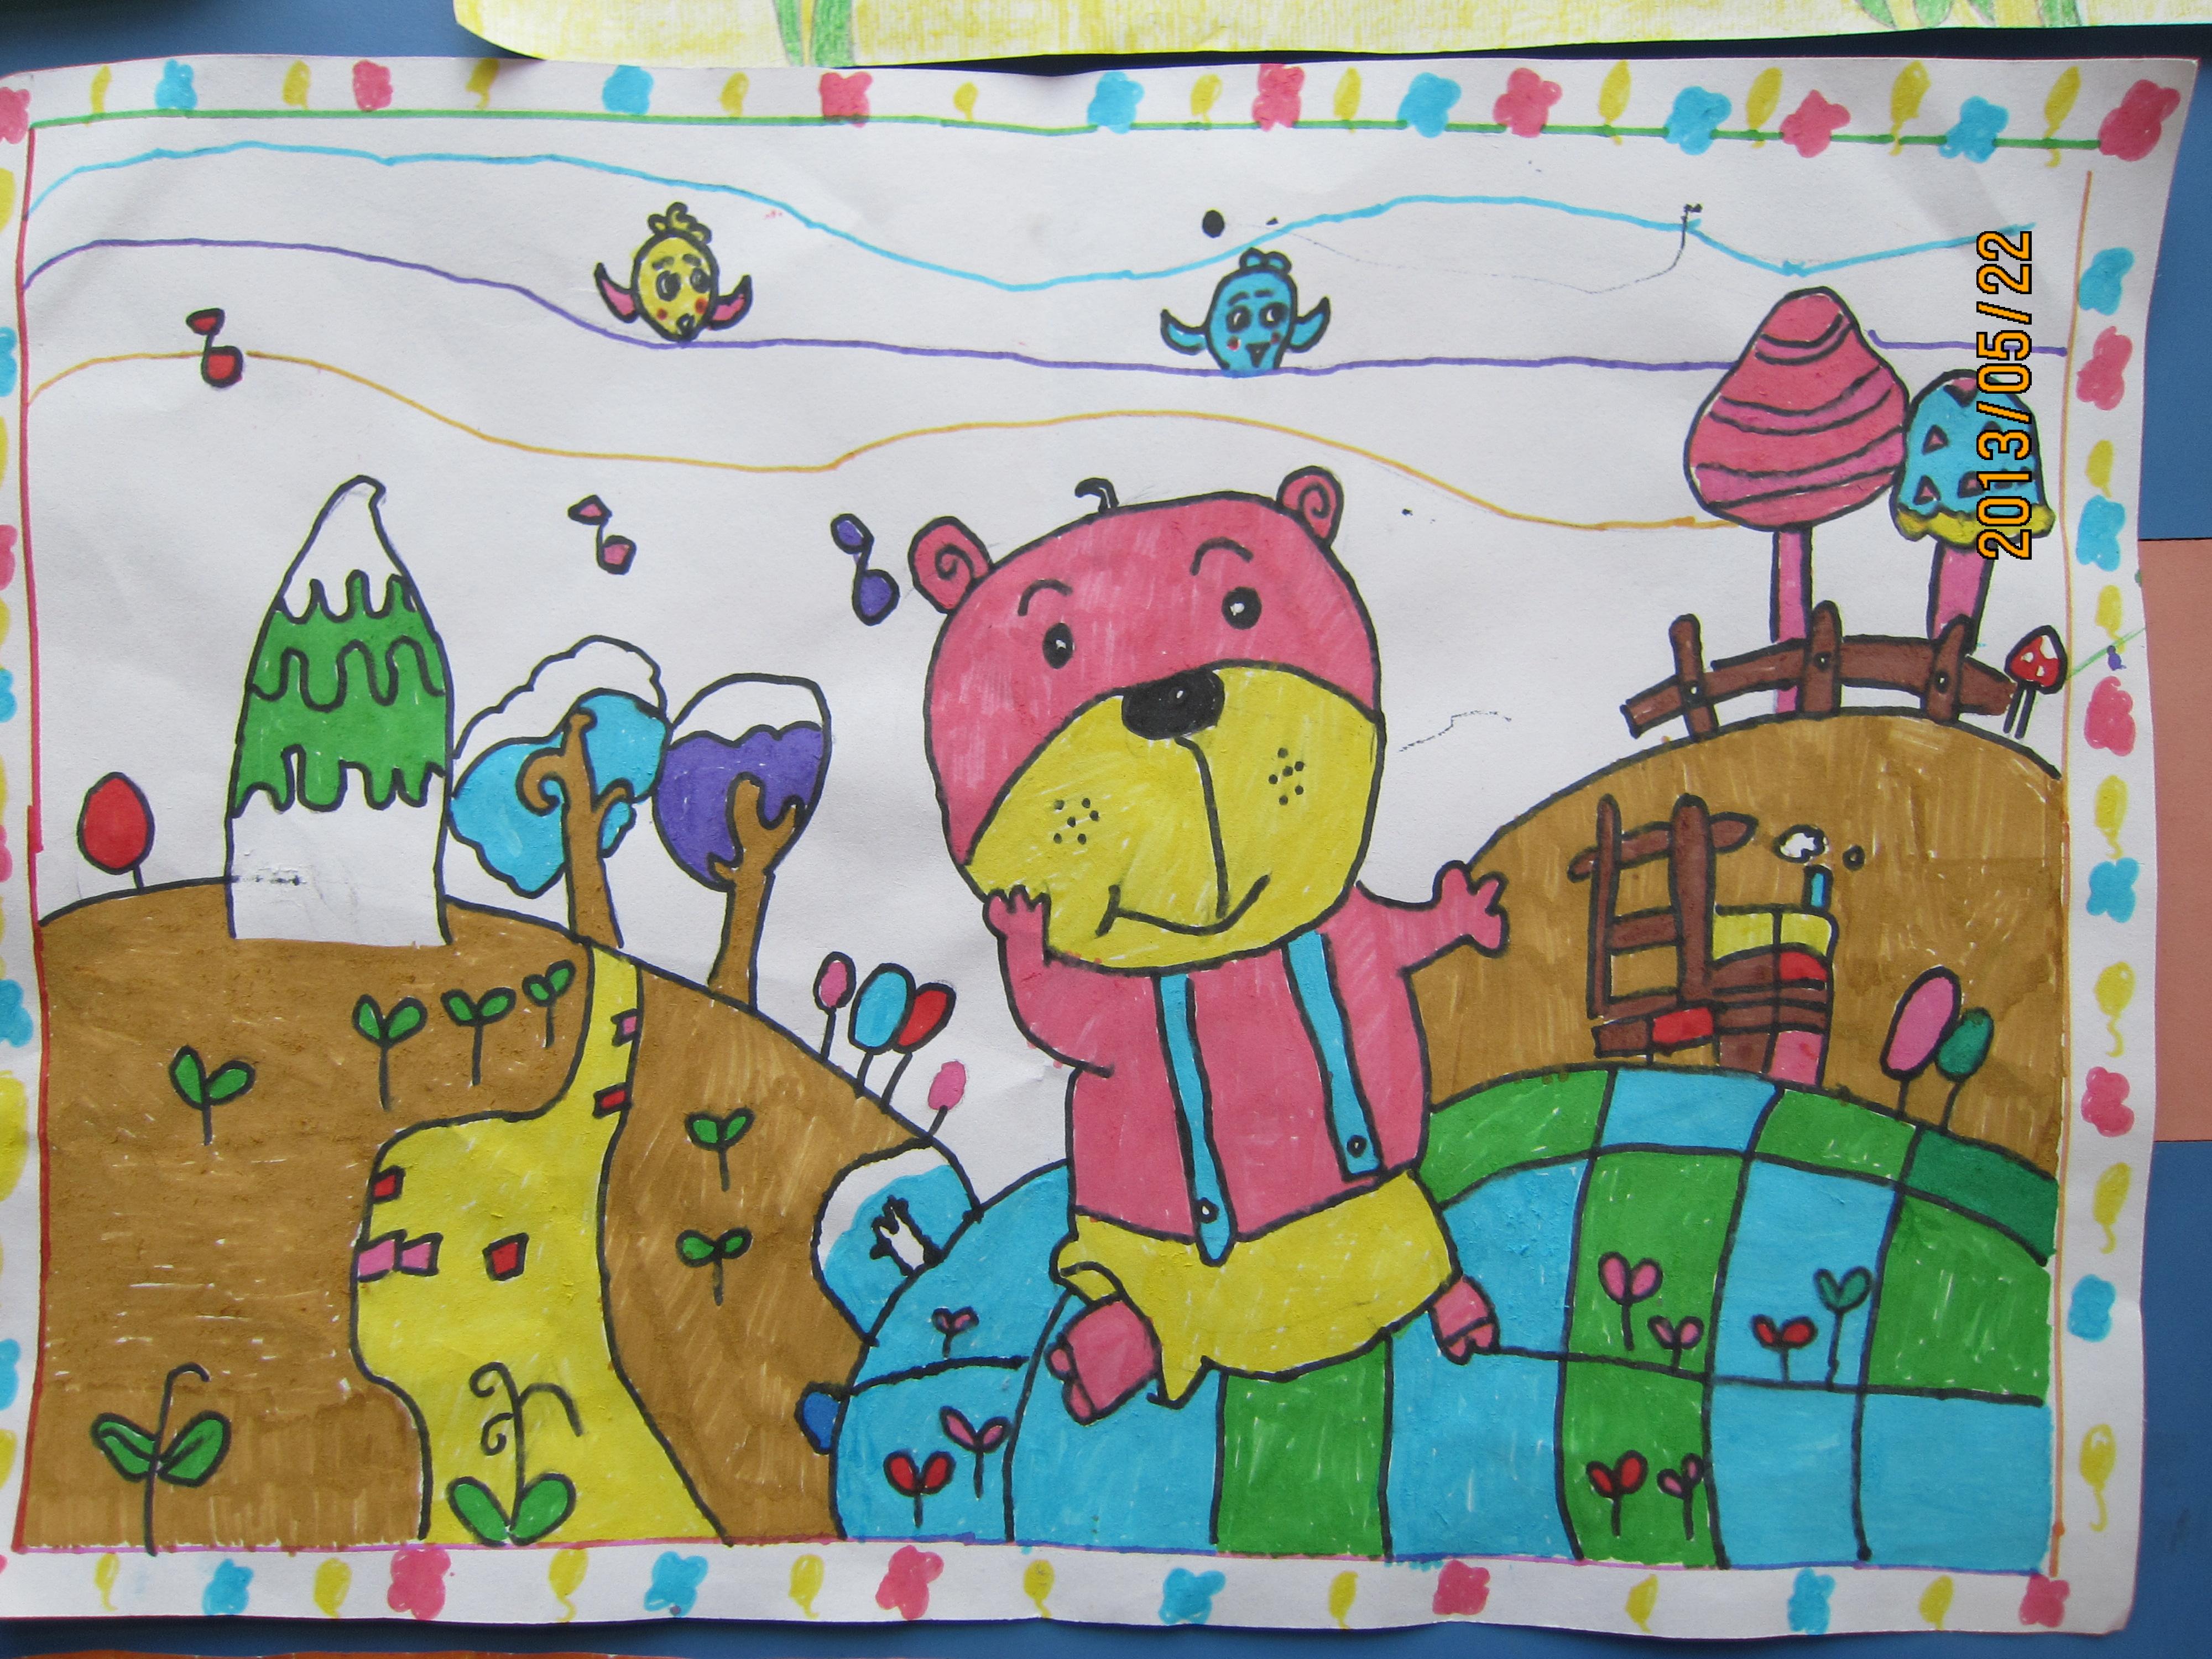 儿童画 - 红领巾相约中国梦动态上传 - 活动 - 未来网图片